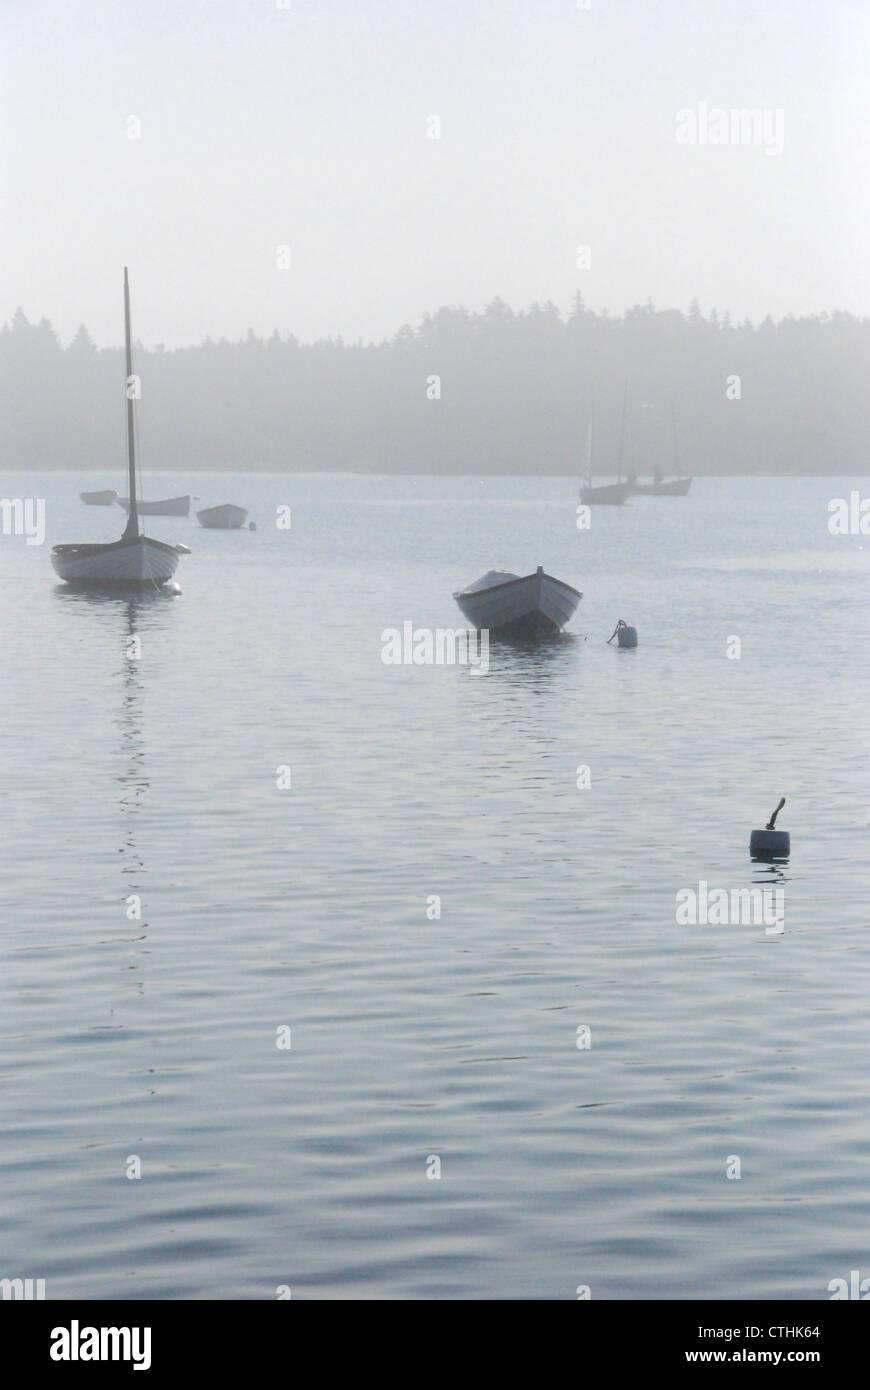 Bateaux amarrés dans le brouillard Photo Stock